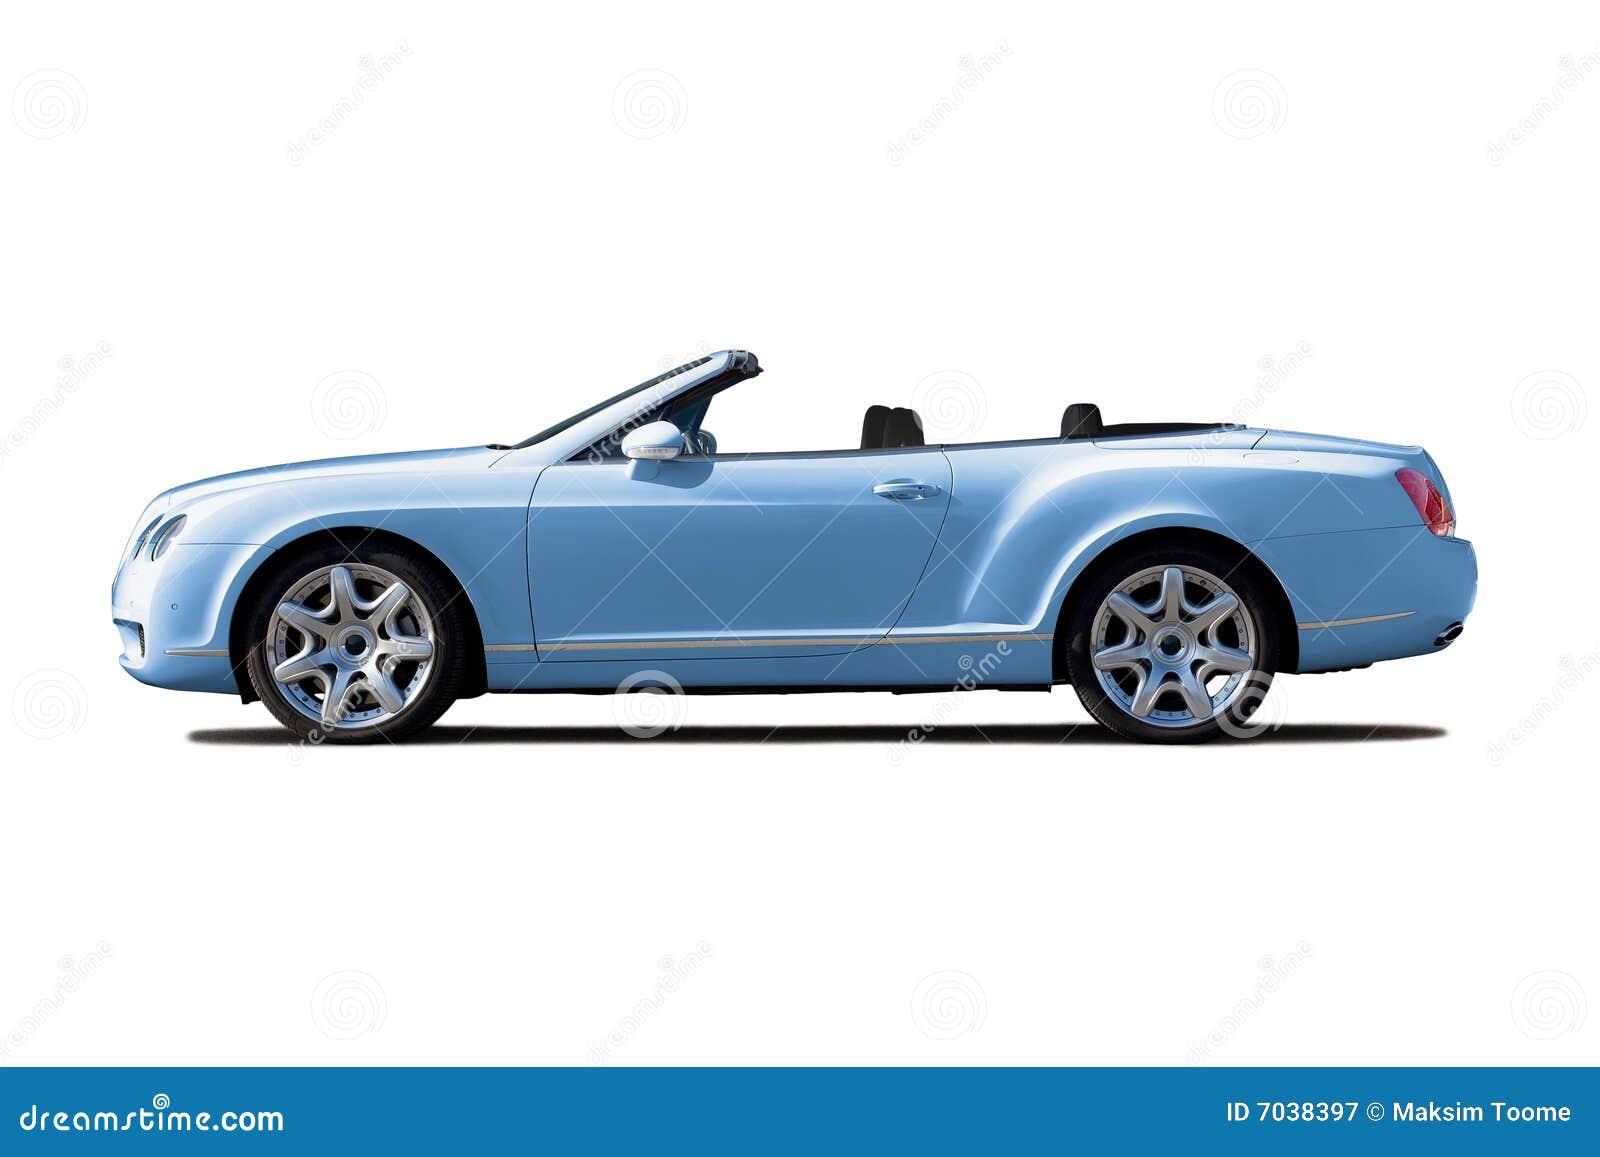 Light blue cabriolet